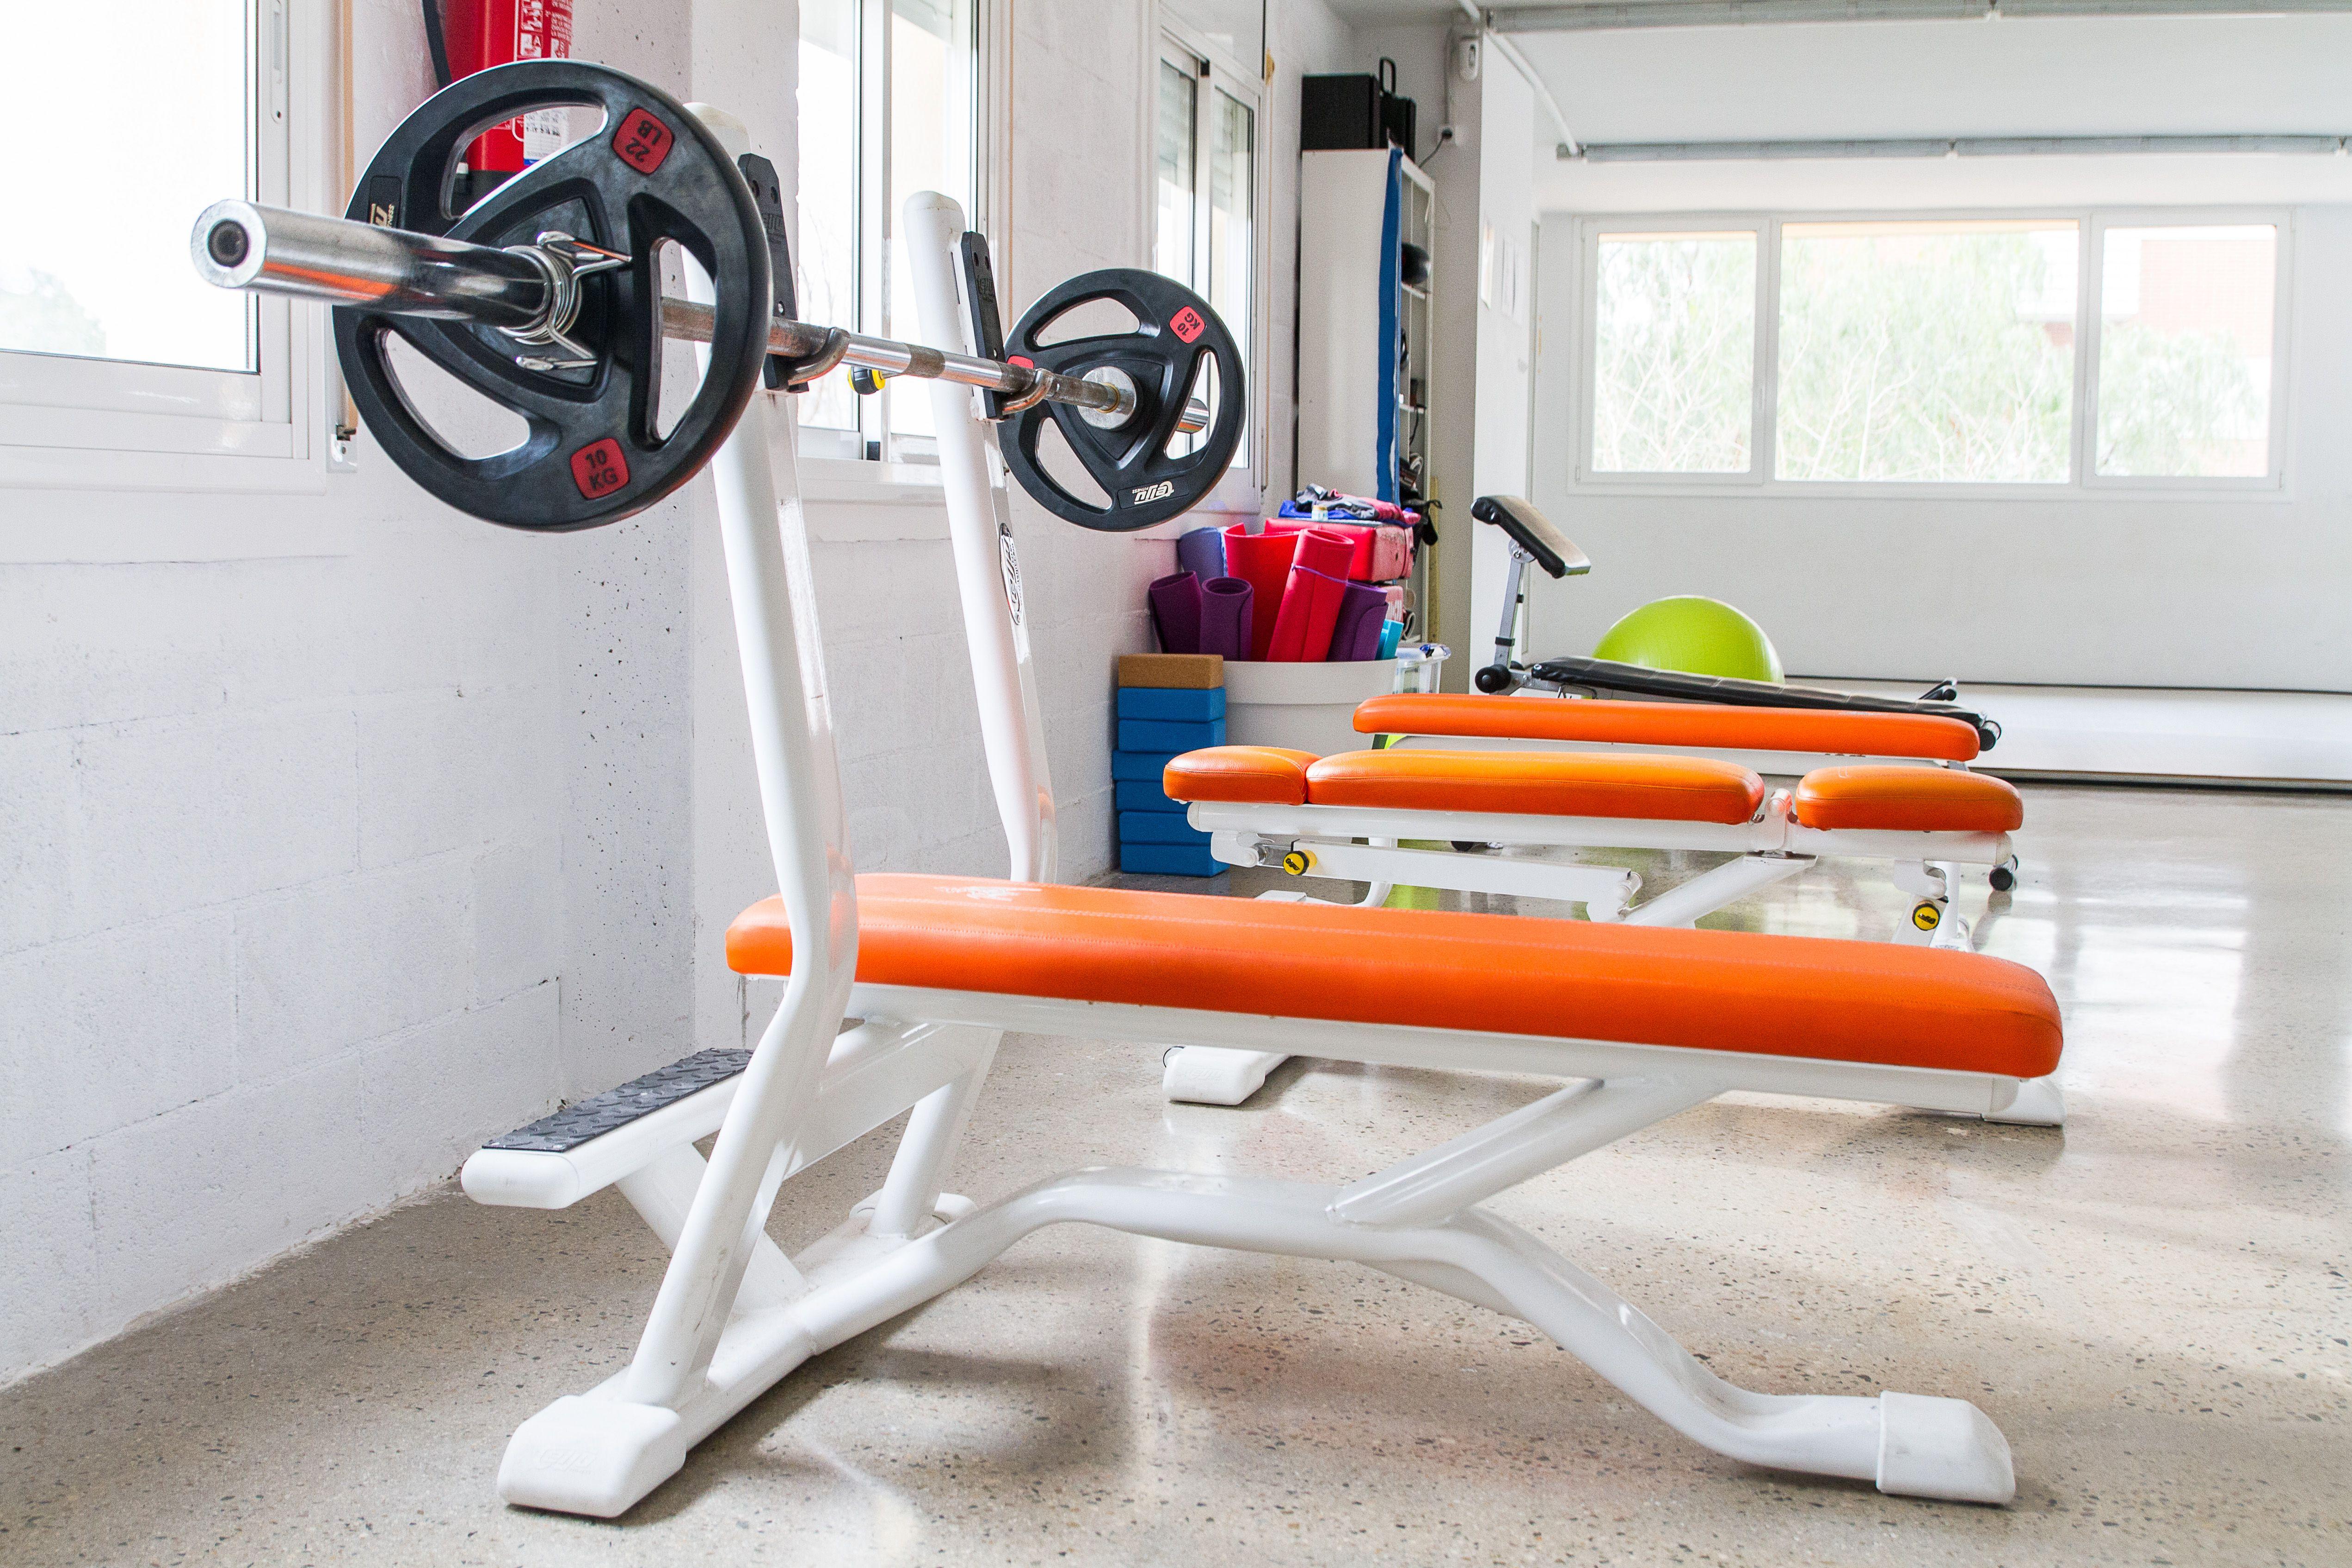 Nuestras salas están adaptadas y preparadas para la práctica de deportes de contacto